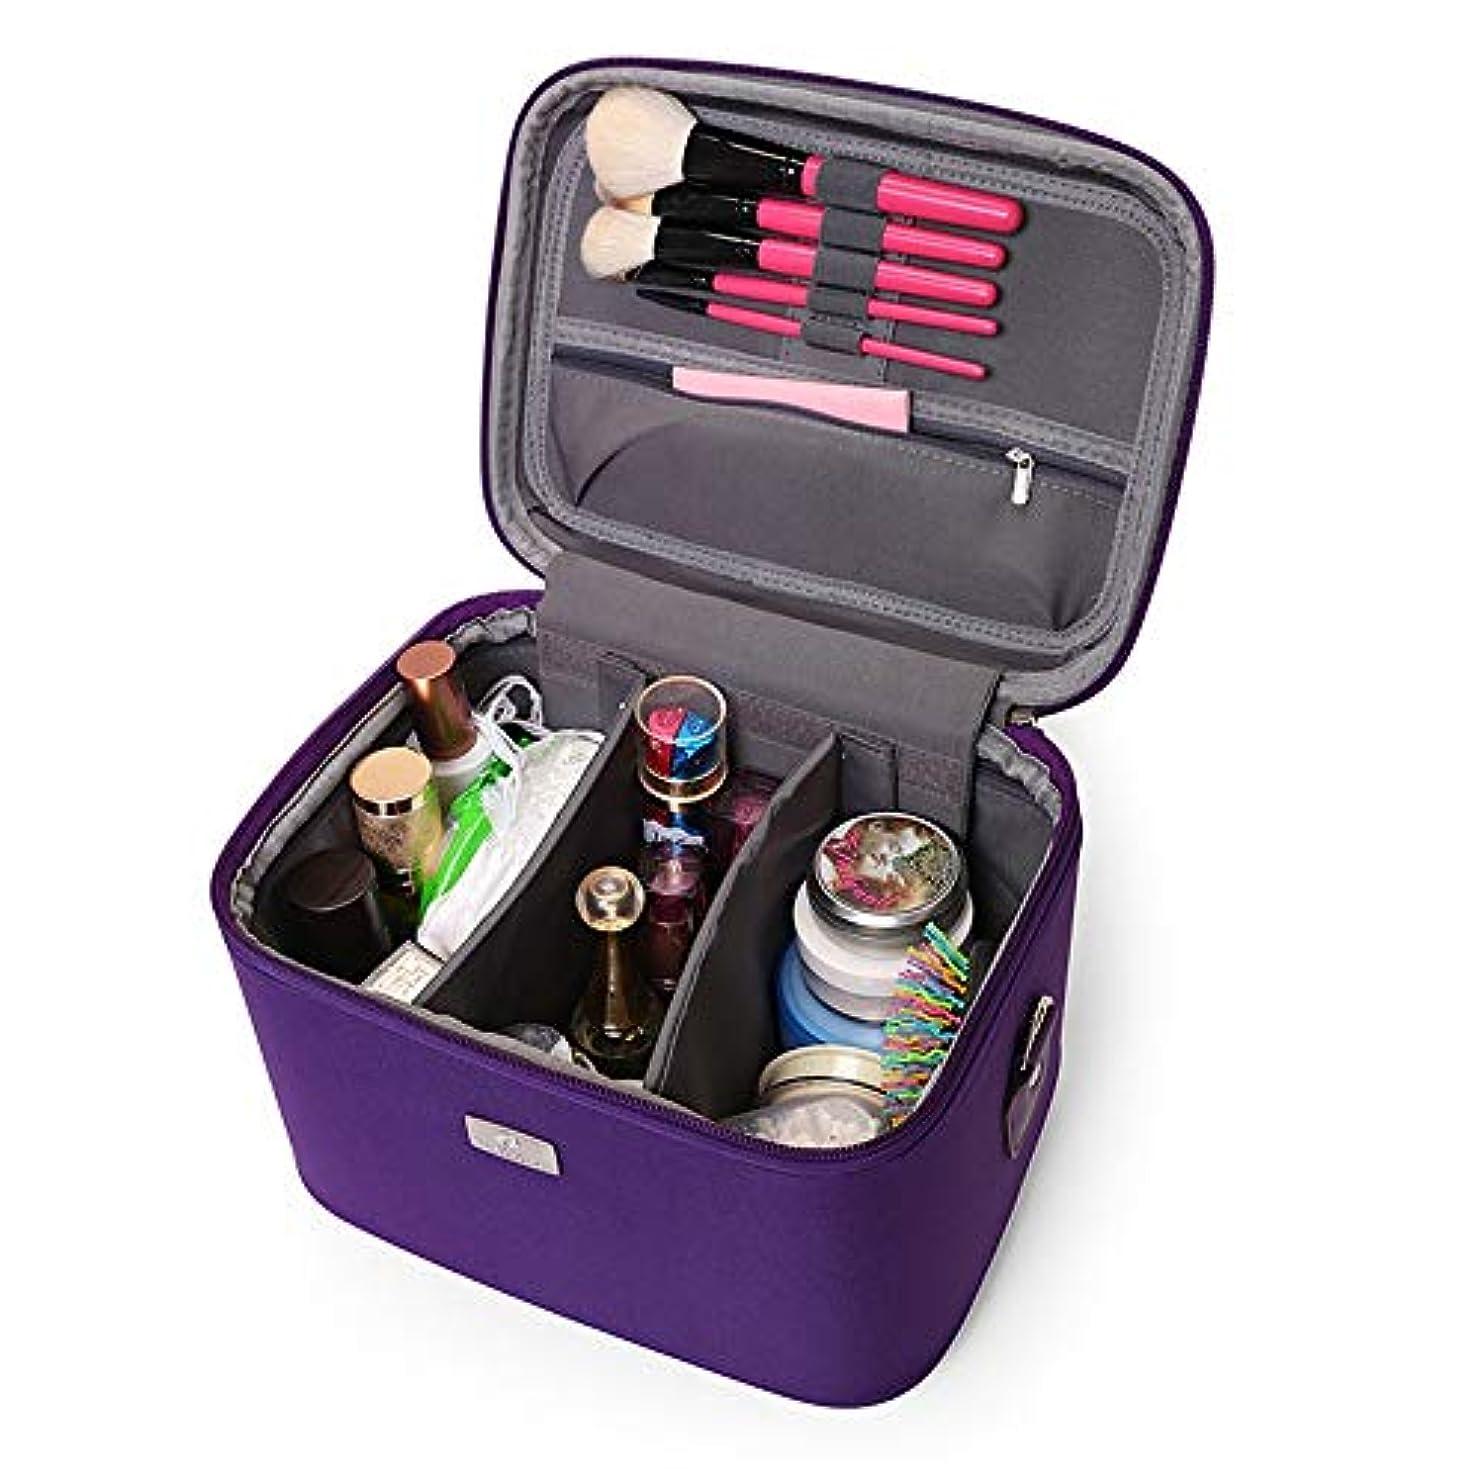 降ろす推測リーフレット化粧オーガナイザーバッグ 14インチのメイクアップトラベルバッグPUレター防水化粧ケースのティーン女の子の女性アーティスト 化粧品ケース (色 : 紫の)